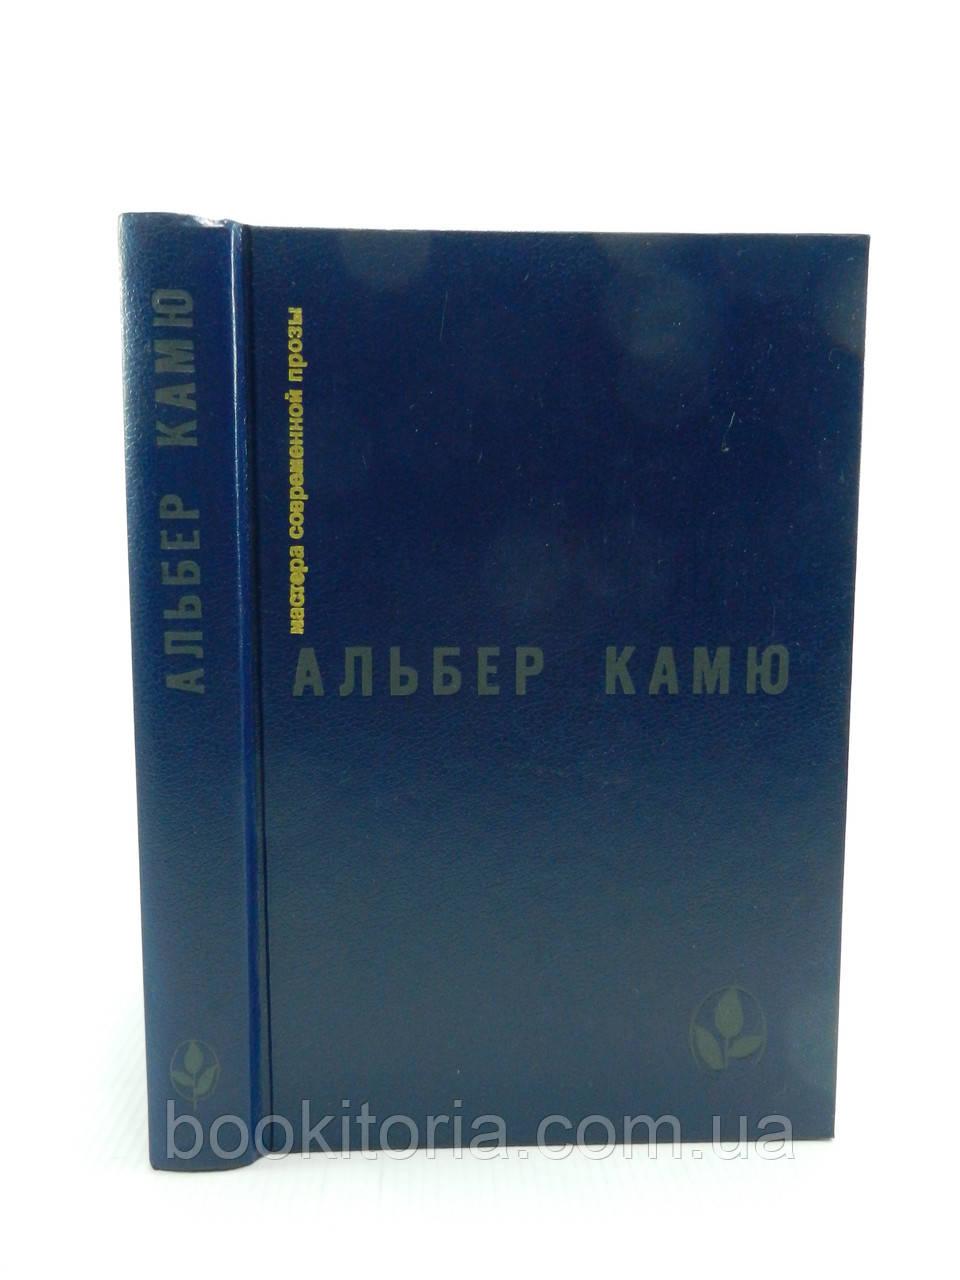 Камю А. Избранное (б/у).